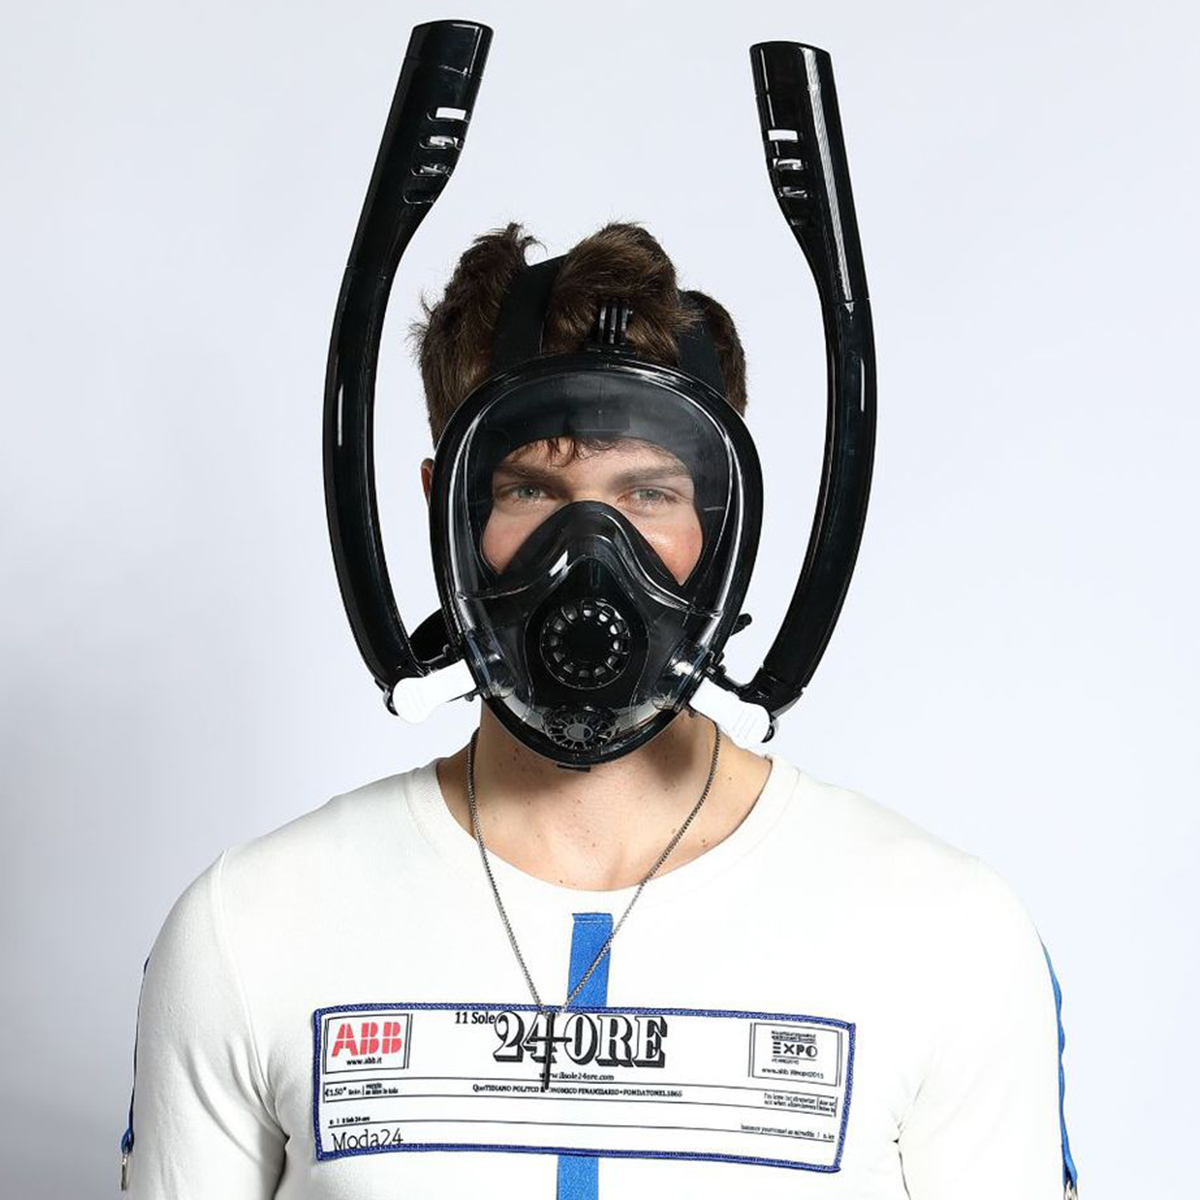 Masque de plongée intégral 180 degrés avec bouchon d'oreille Anti-buée Anti-fuite pour fixation GoPro pour adultes et jeunes masque de plongée Anti-buée